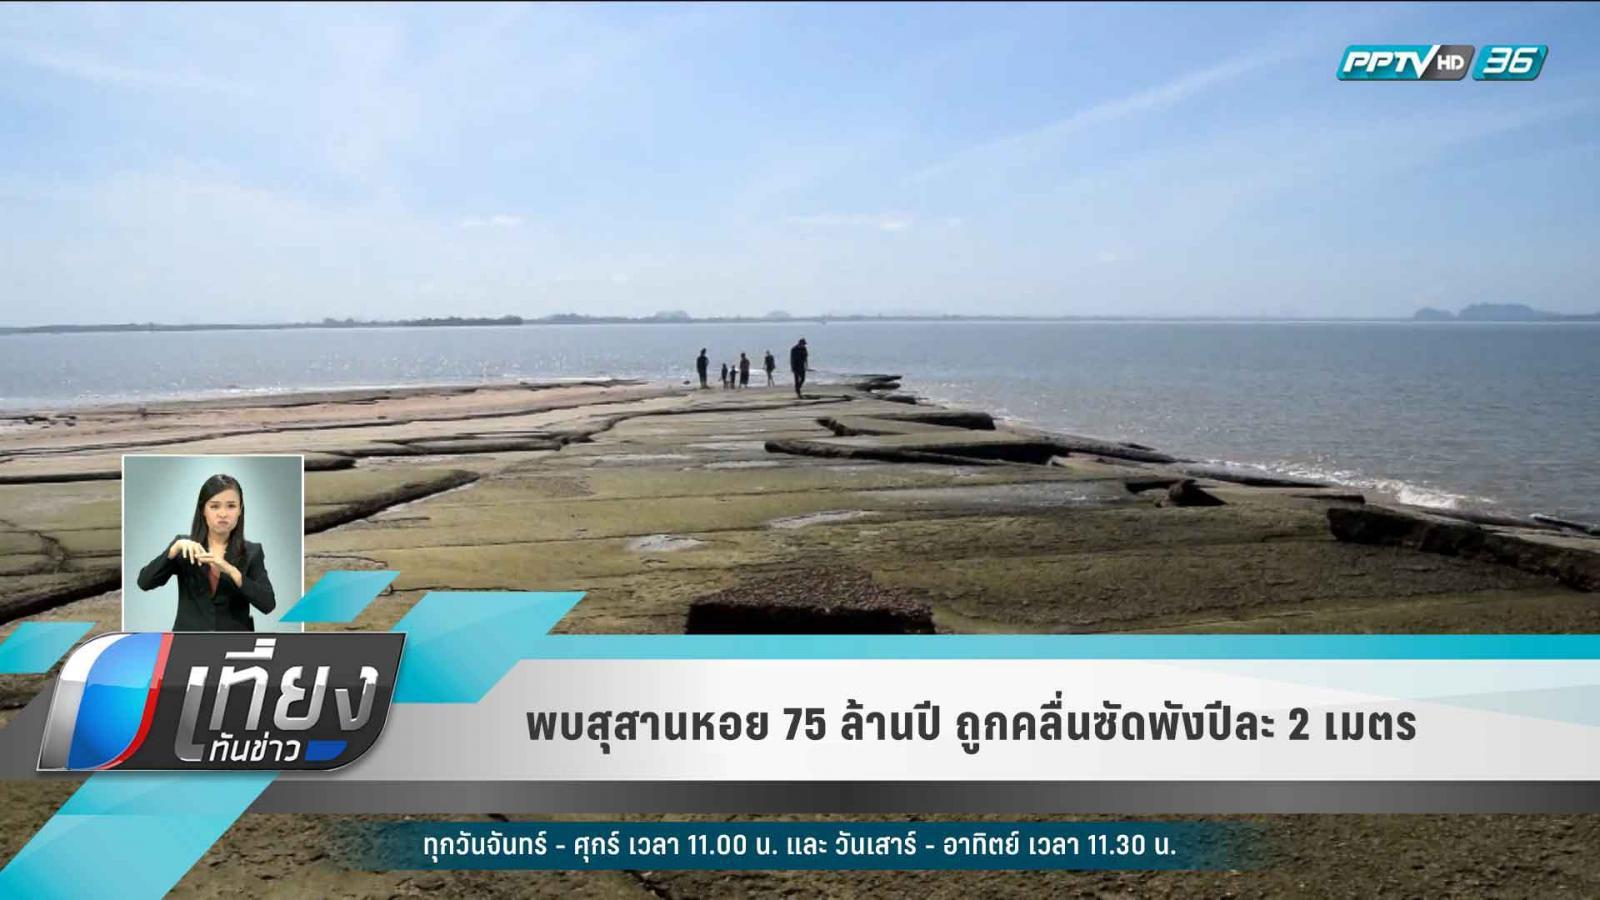 พบสุสานหอย 75 ล้านปี ถูกคลื่นซัดพังปีละ 2 เมตร